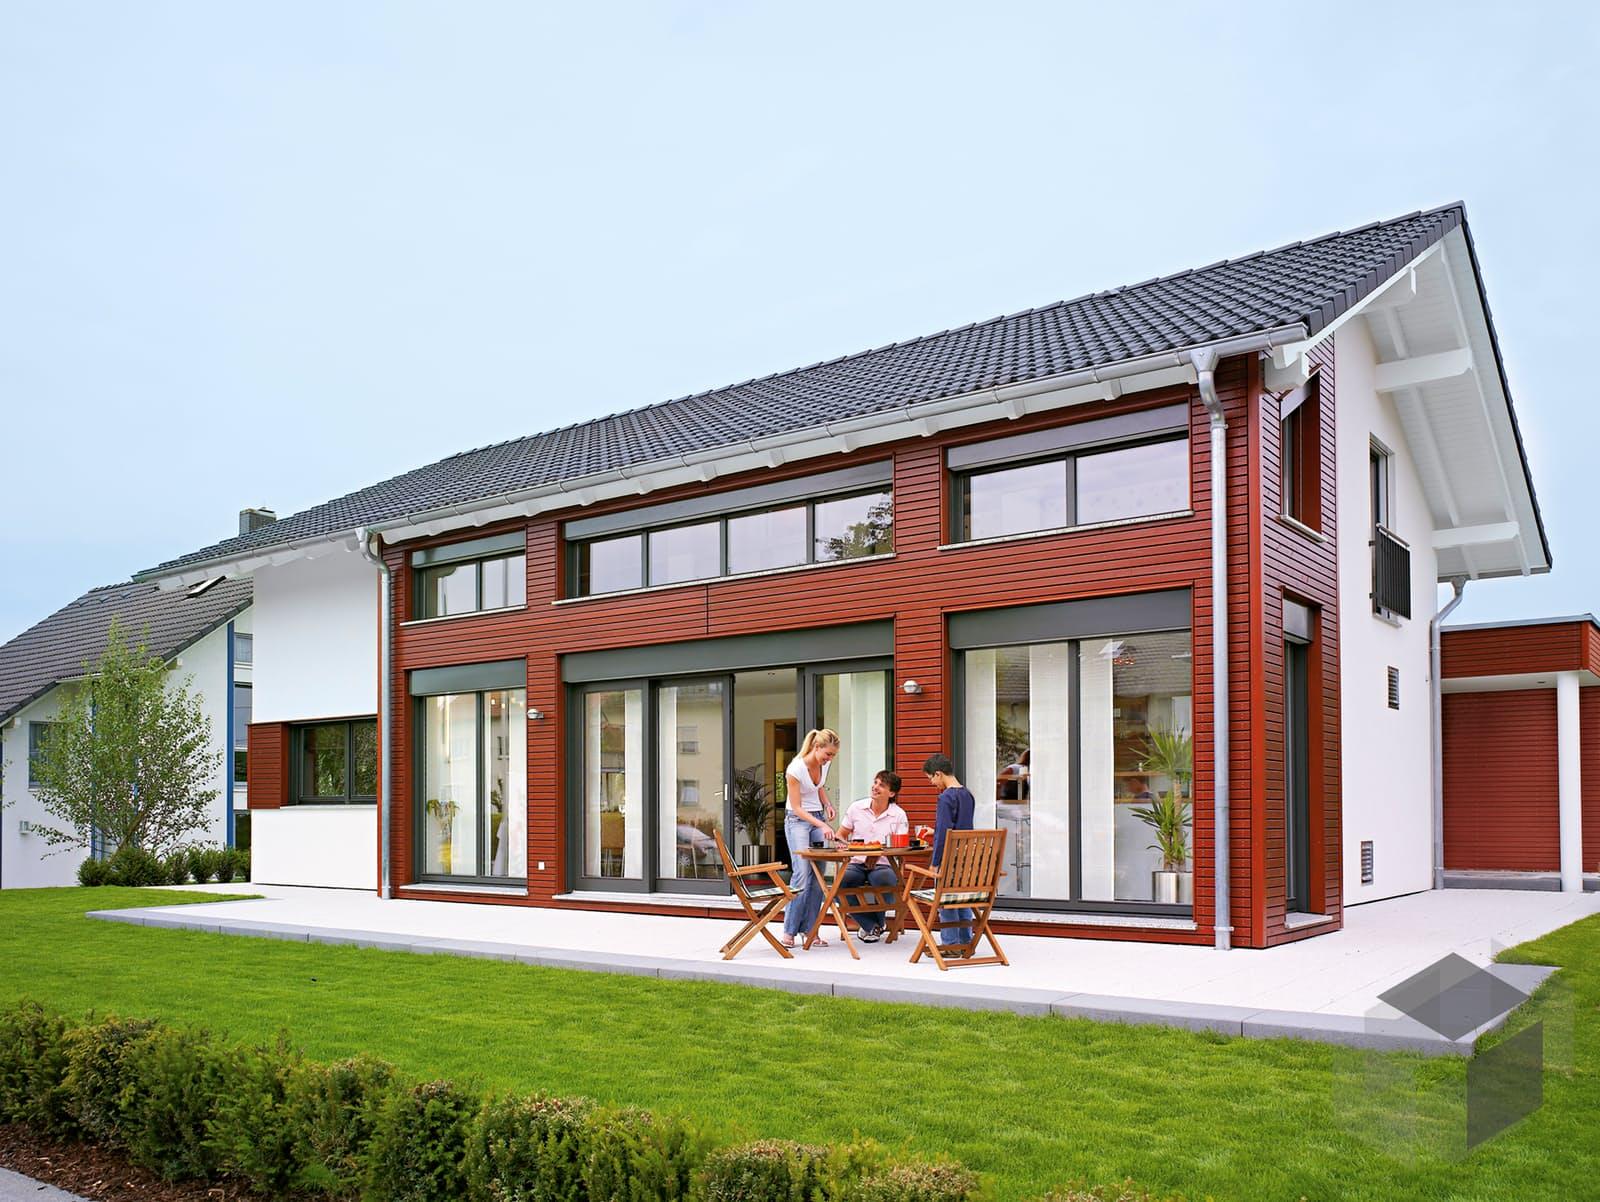 ausstellungshaus ravensburg von weberhaus komplette daten bersicht. Black Bedroom Furniture Sets. Home Design Ideas